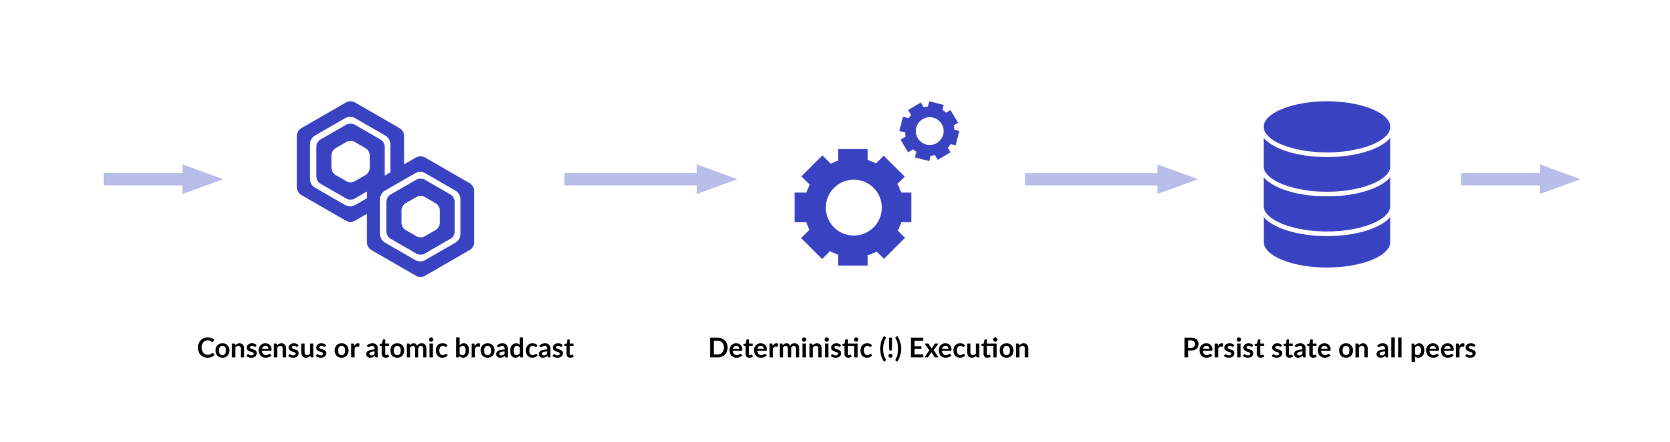 Consensus model